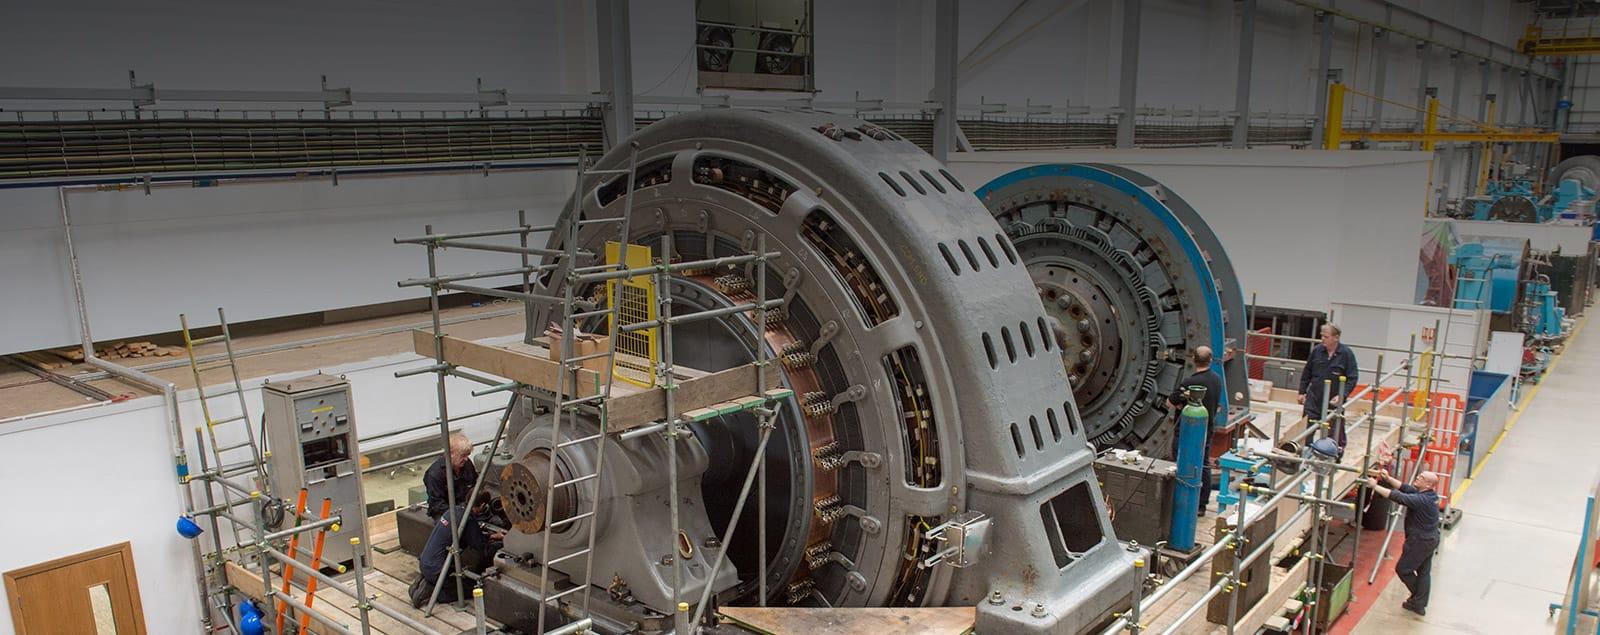 rotating machine